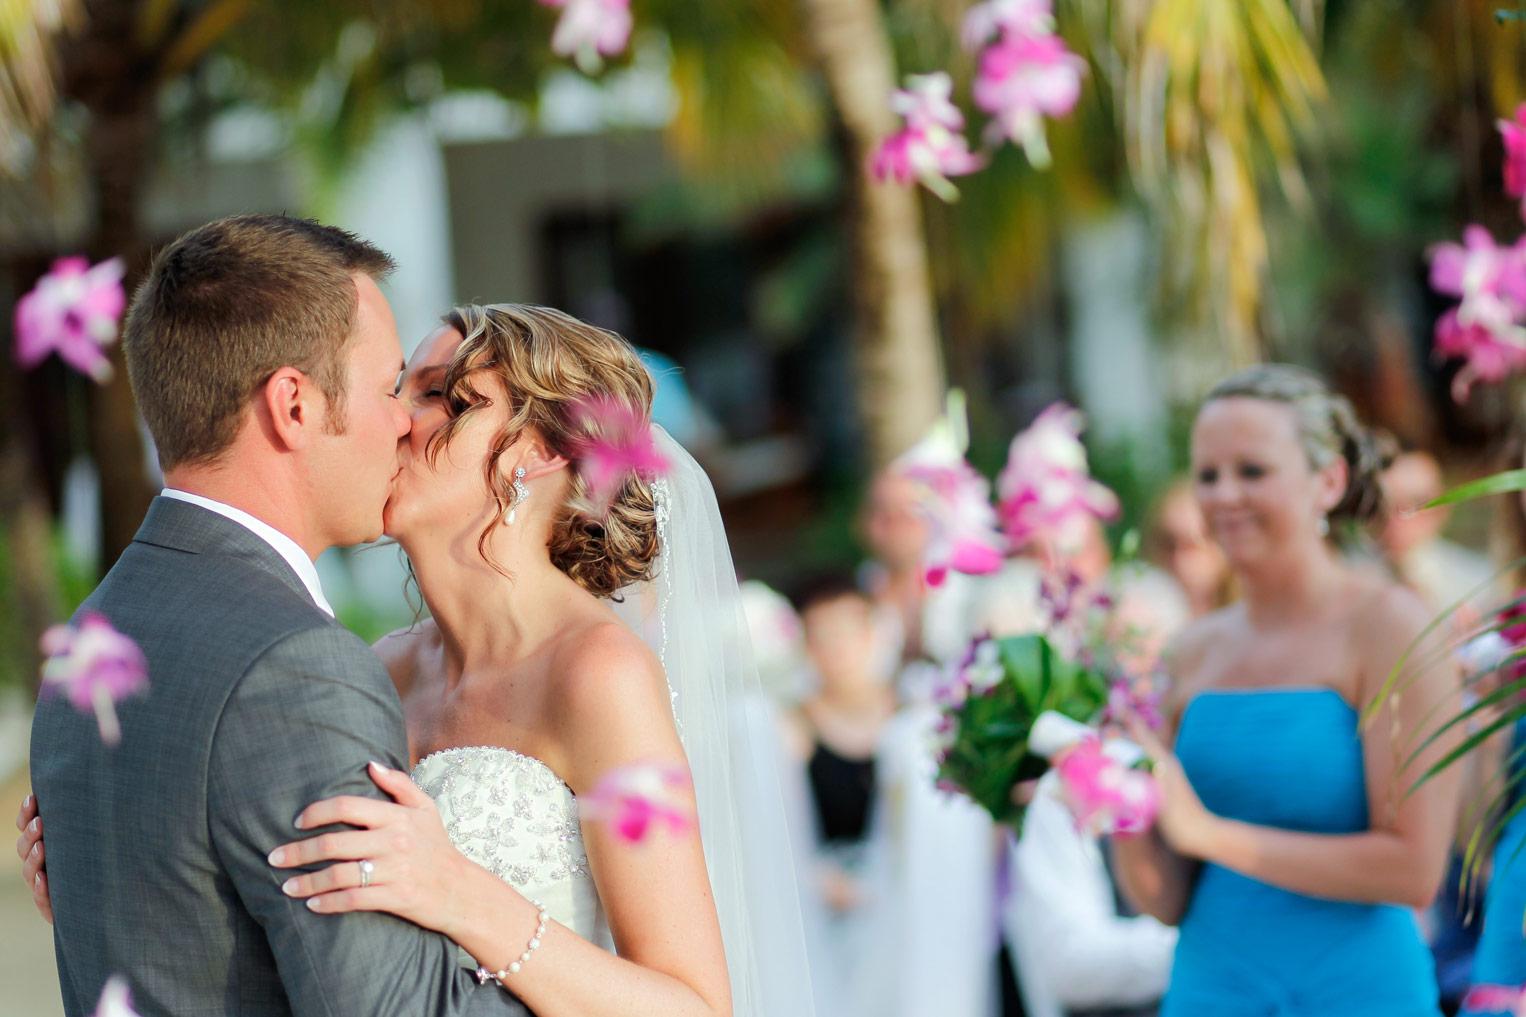 jamaica-milwaukee-destination-wedding-ruthie-hauge-photography-39.jpg